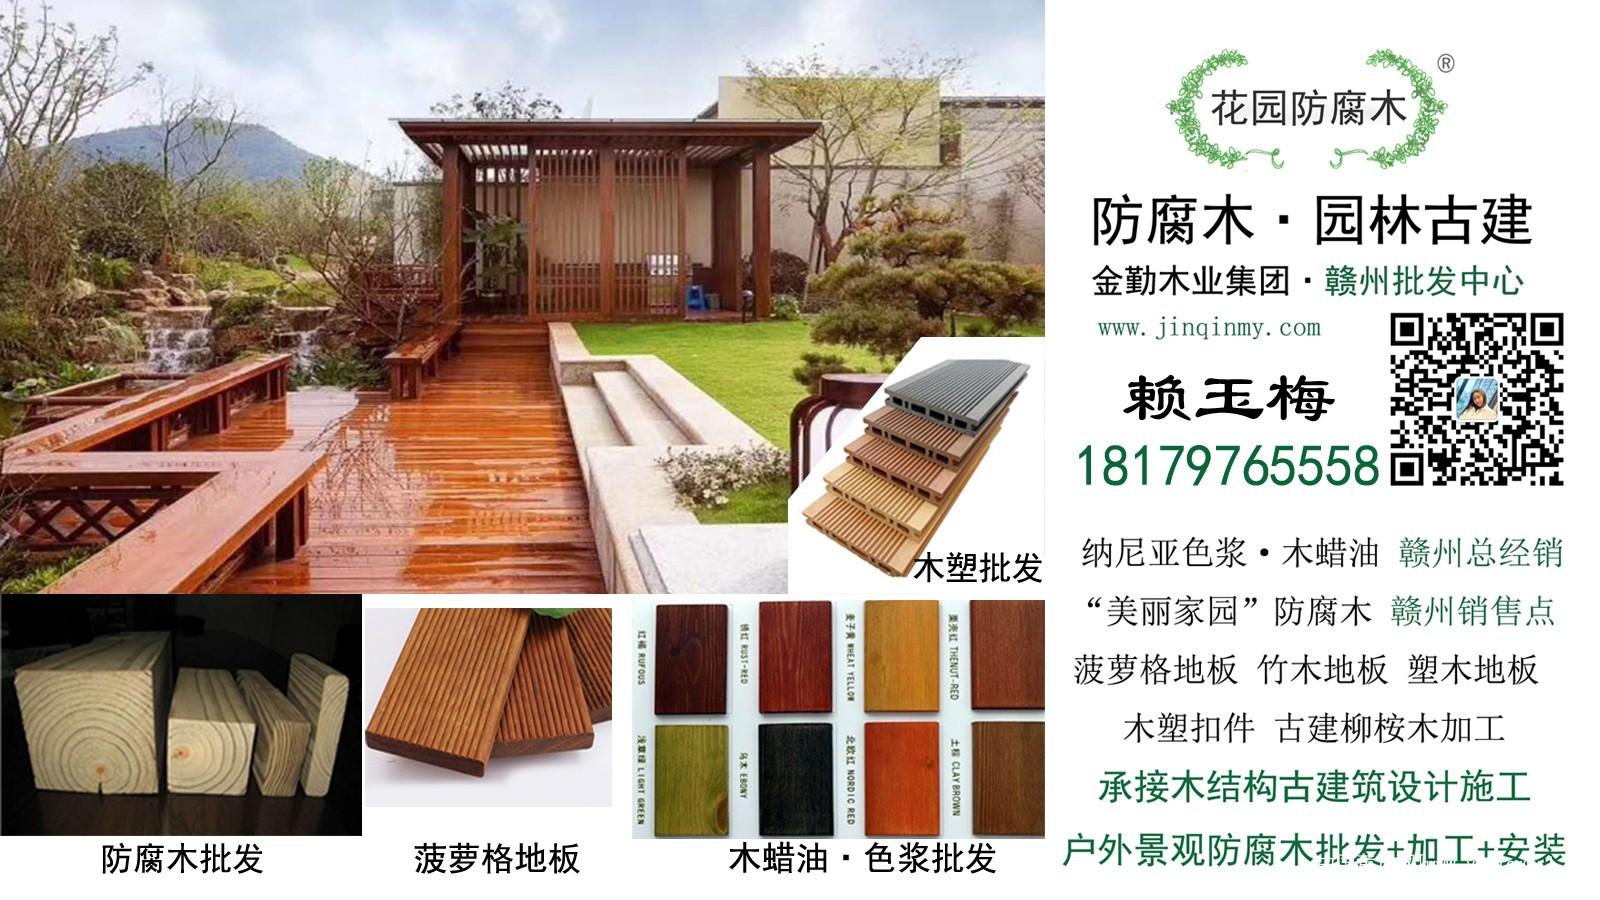 南康防腐木|南康古建圆木|南康碳化木|南康柳桉木|南康樟子松